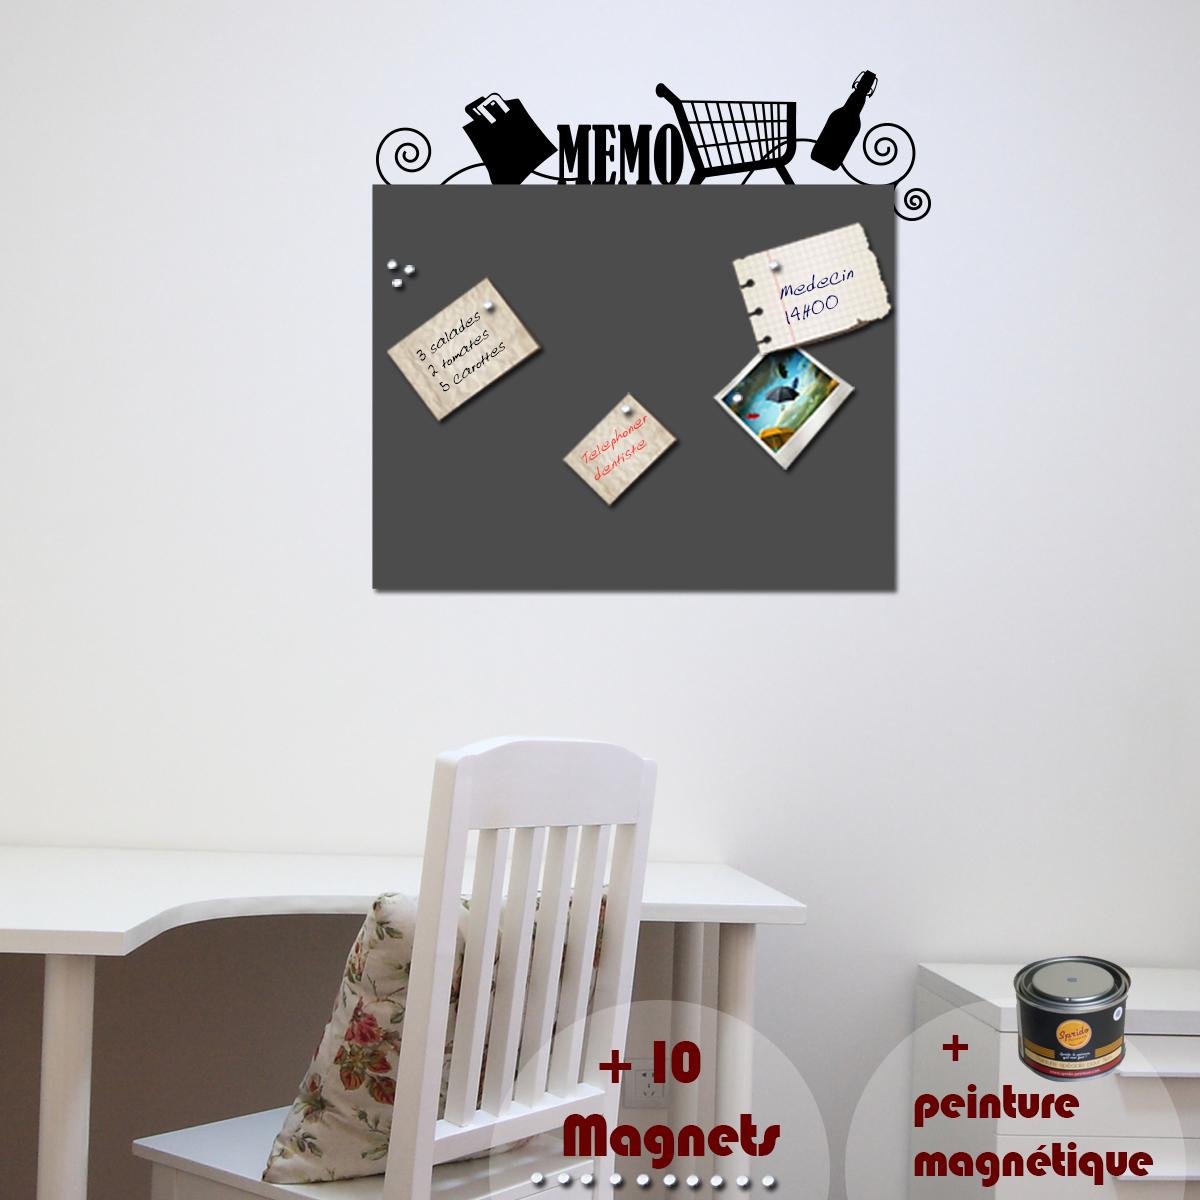 papier peint magn tique peinture magn tique avec sticker caddie ambiance. Black Bedroom Furniture Sets. Home Design Ideas